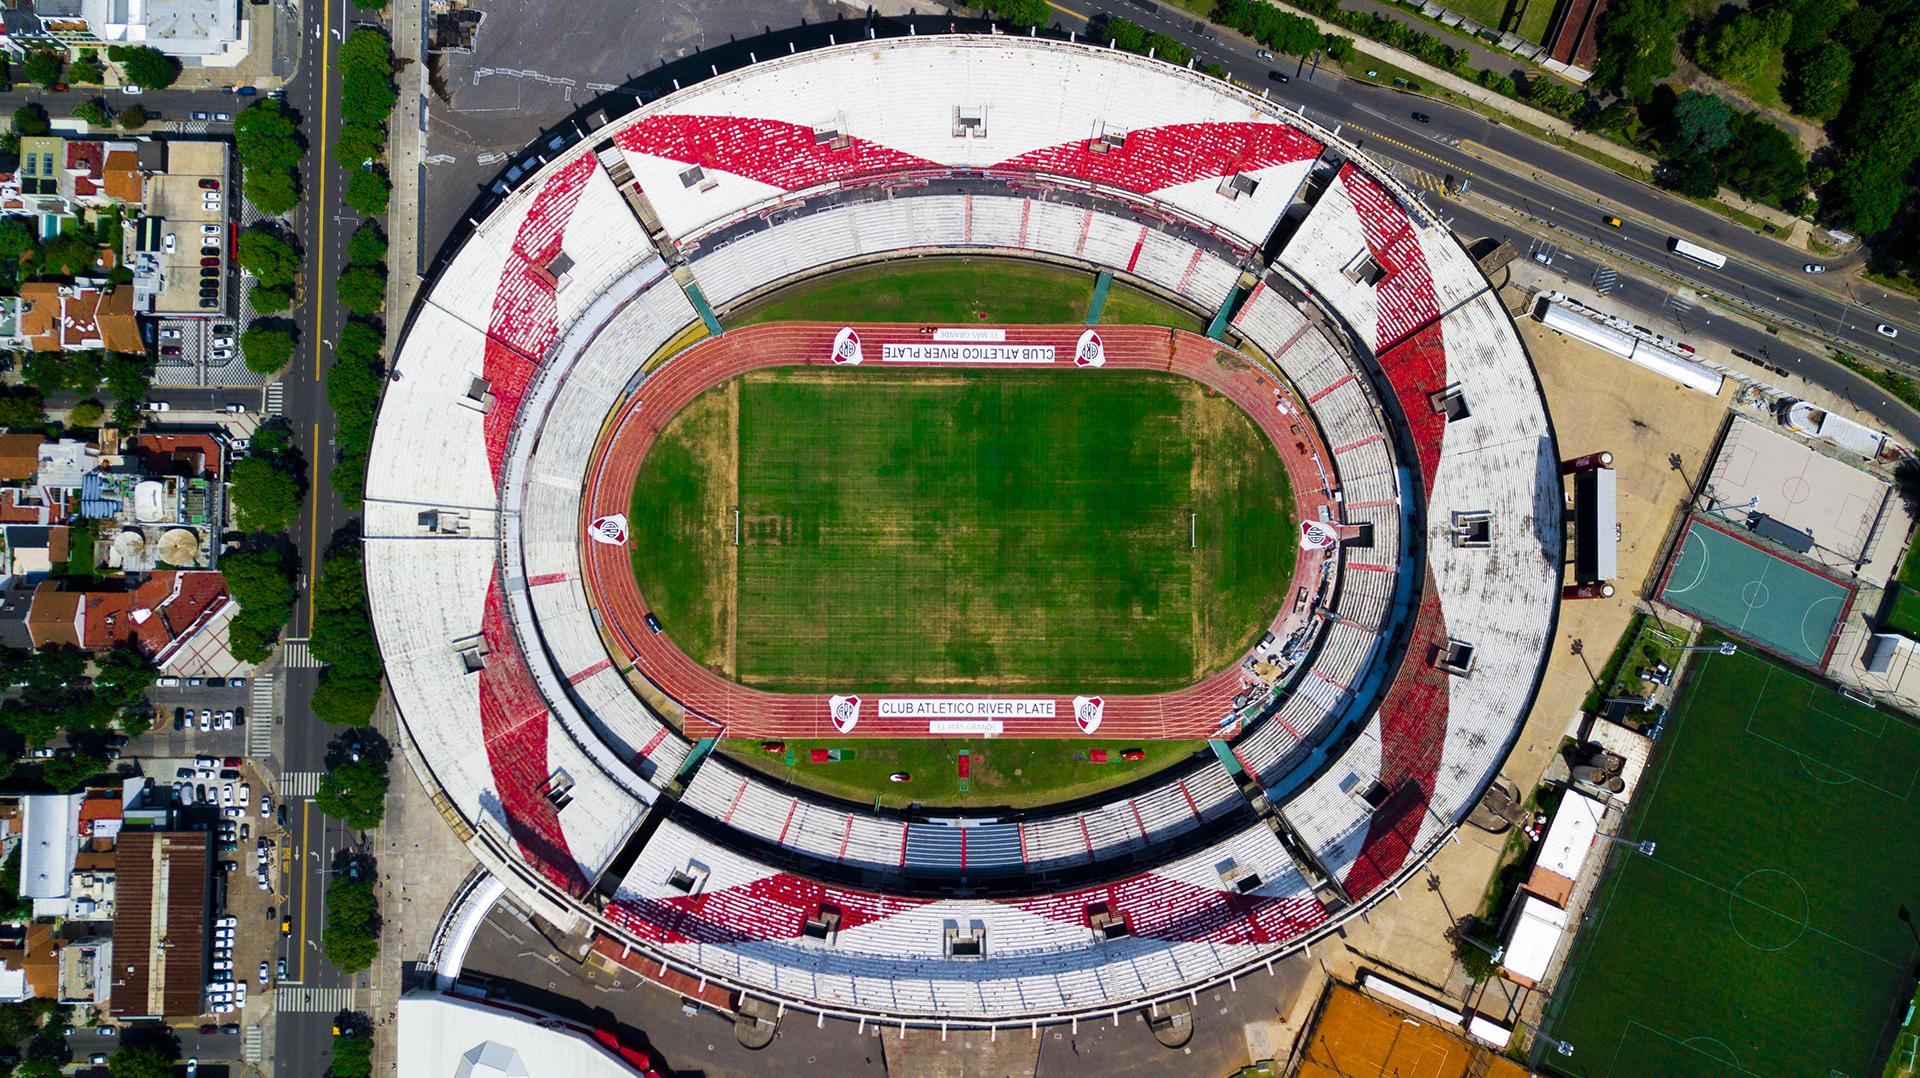 El estadio Monumental pertenece al Club Atlético River Plate y está ubicado en Núñez. Fue inaugurado en 1938 por Antonio Vespucio Liberti, presidente del club en aquel entonces y el actual mandatario Rodolfo Donofrio planea modificarlo.